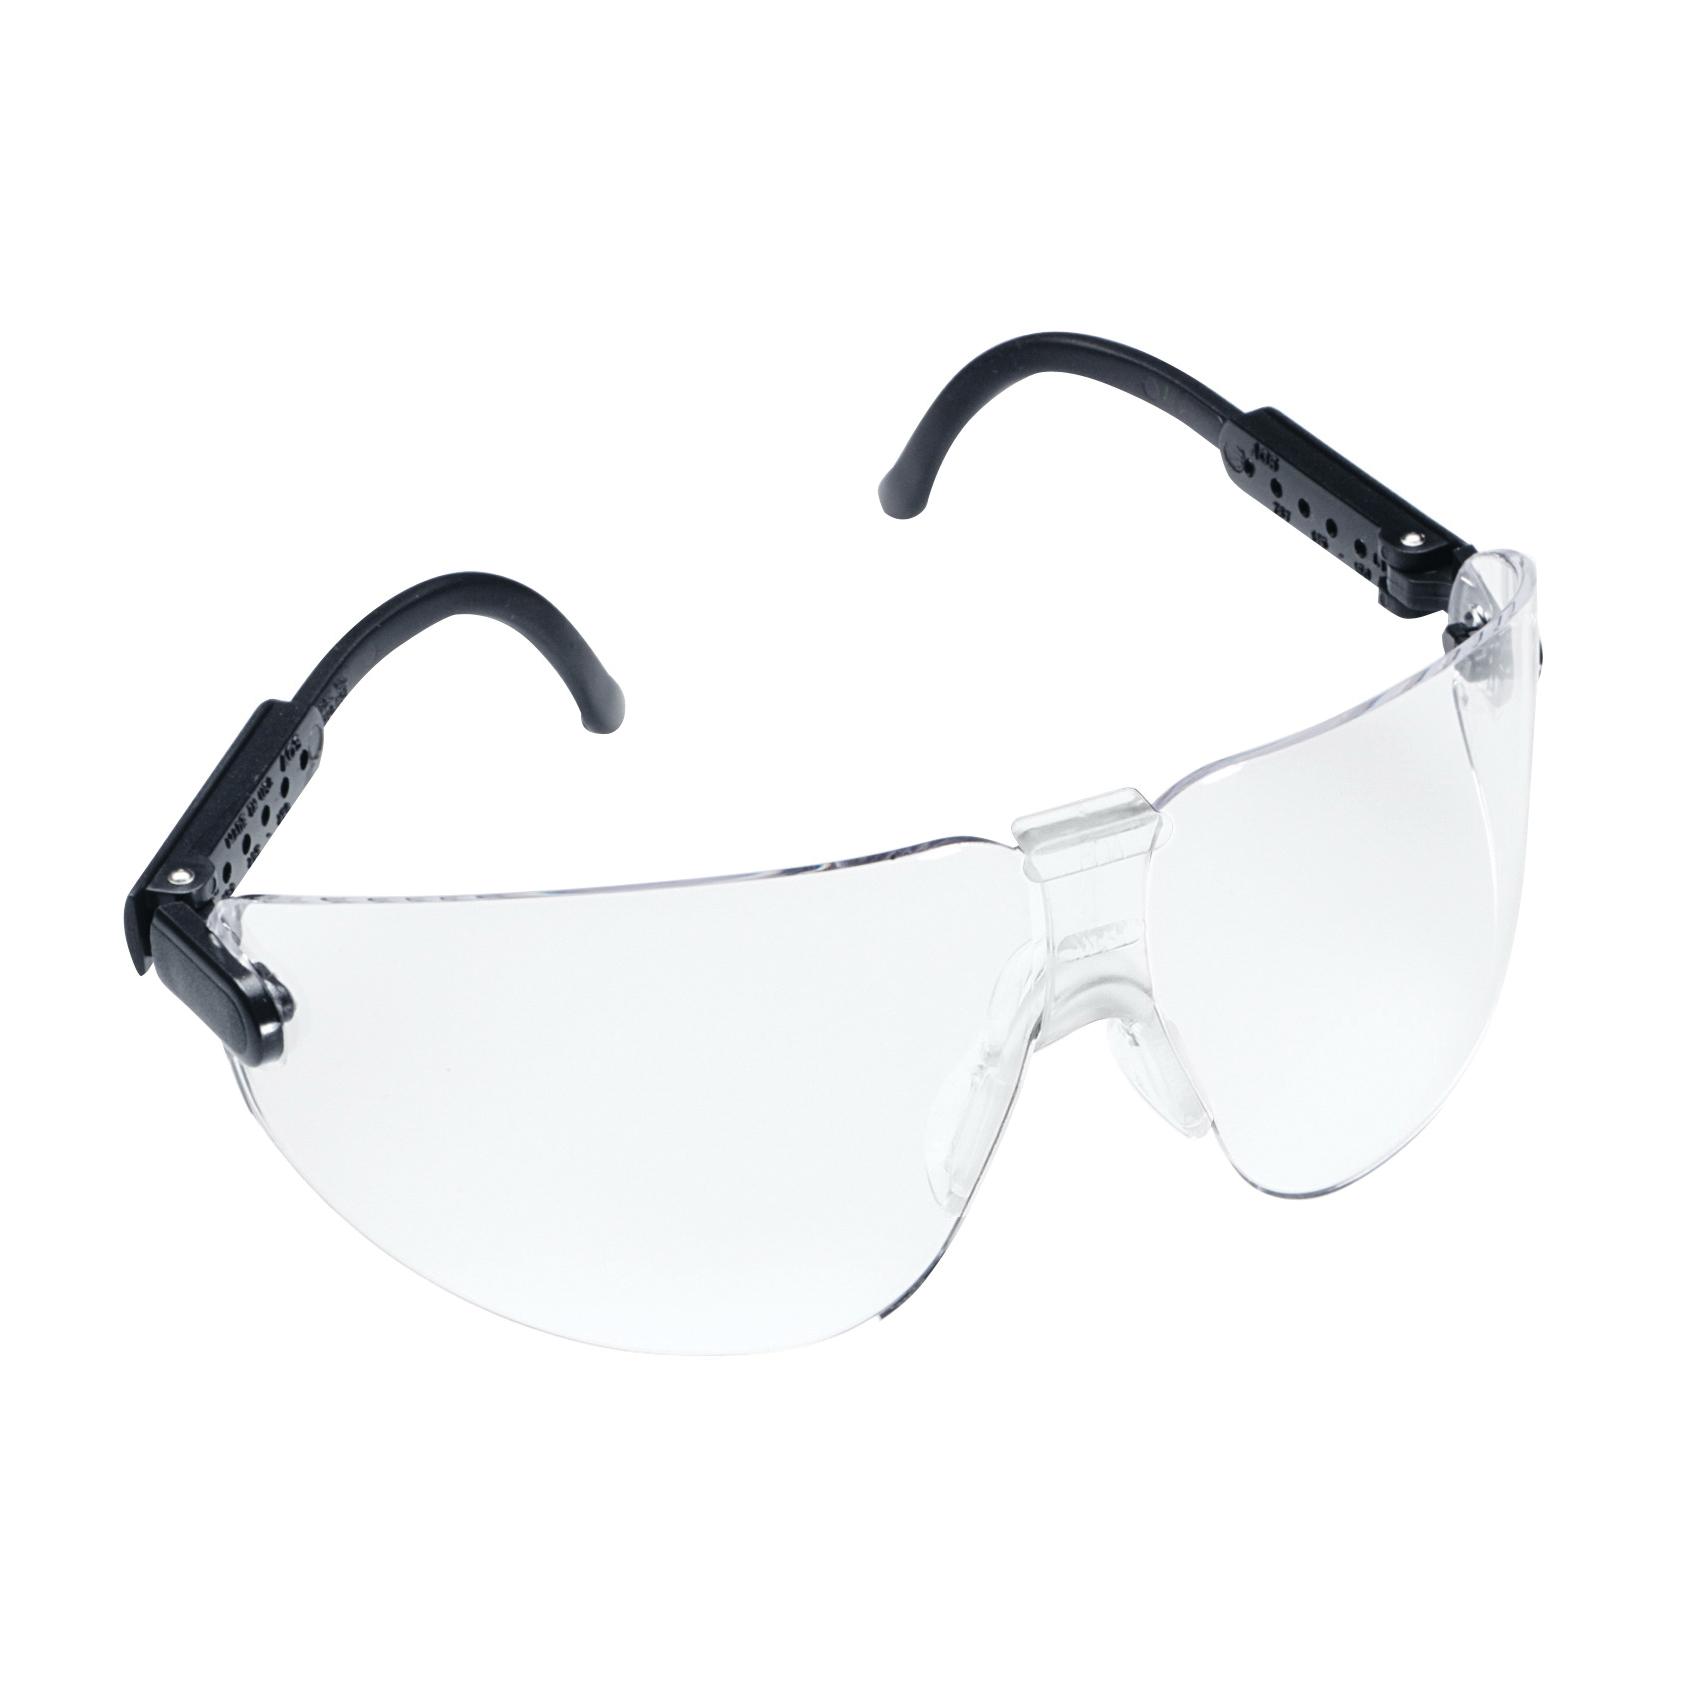 3M™ Lexa™ Fighter 078371-62282 Protective Glasses, DX™ Anti-Fog Clear Lens, Frameless Black Plastic Frame, Polycarbonate Lens, Specifications Met: ANSI Z87.1, CSA Z94.3